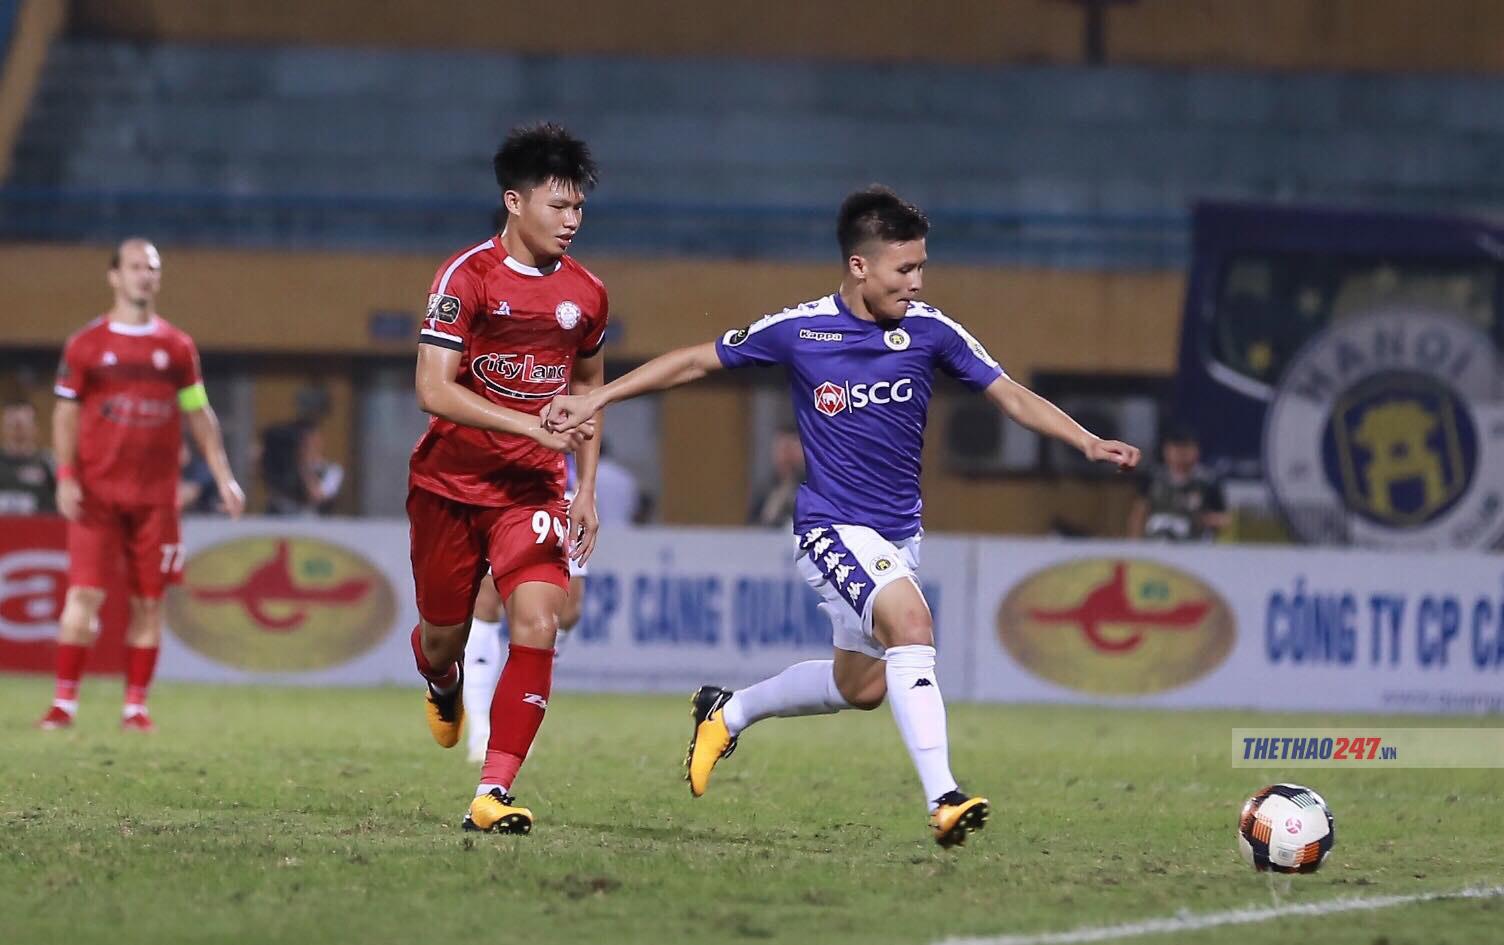 Xem trực tiếp 'chung kết' TPHCM vs Hà Nội ở đâu?